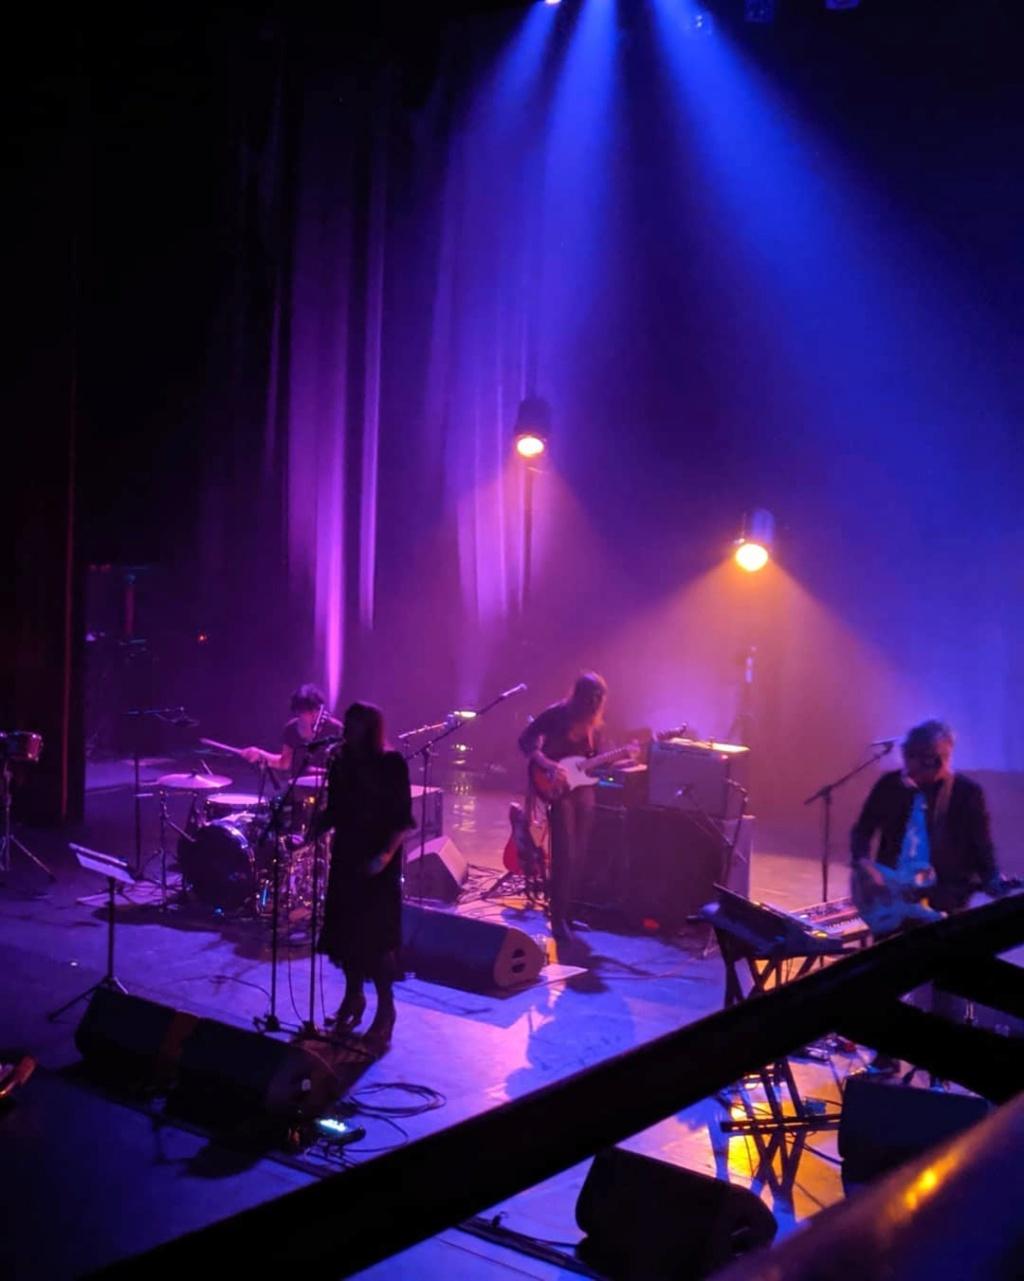 7/1/19 - Marquette-lez-lille, France, Théâtre Sébastopol 768